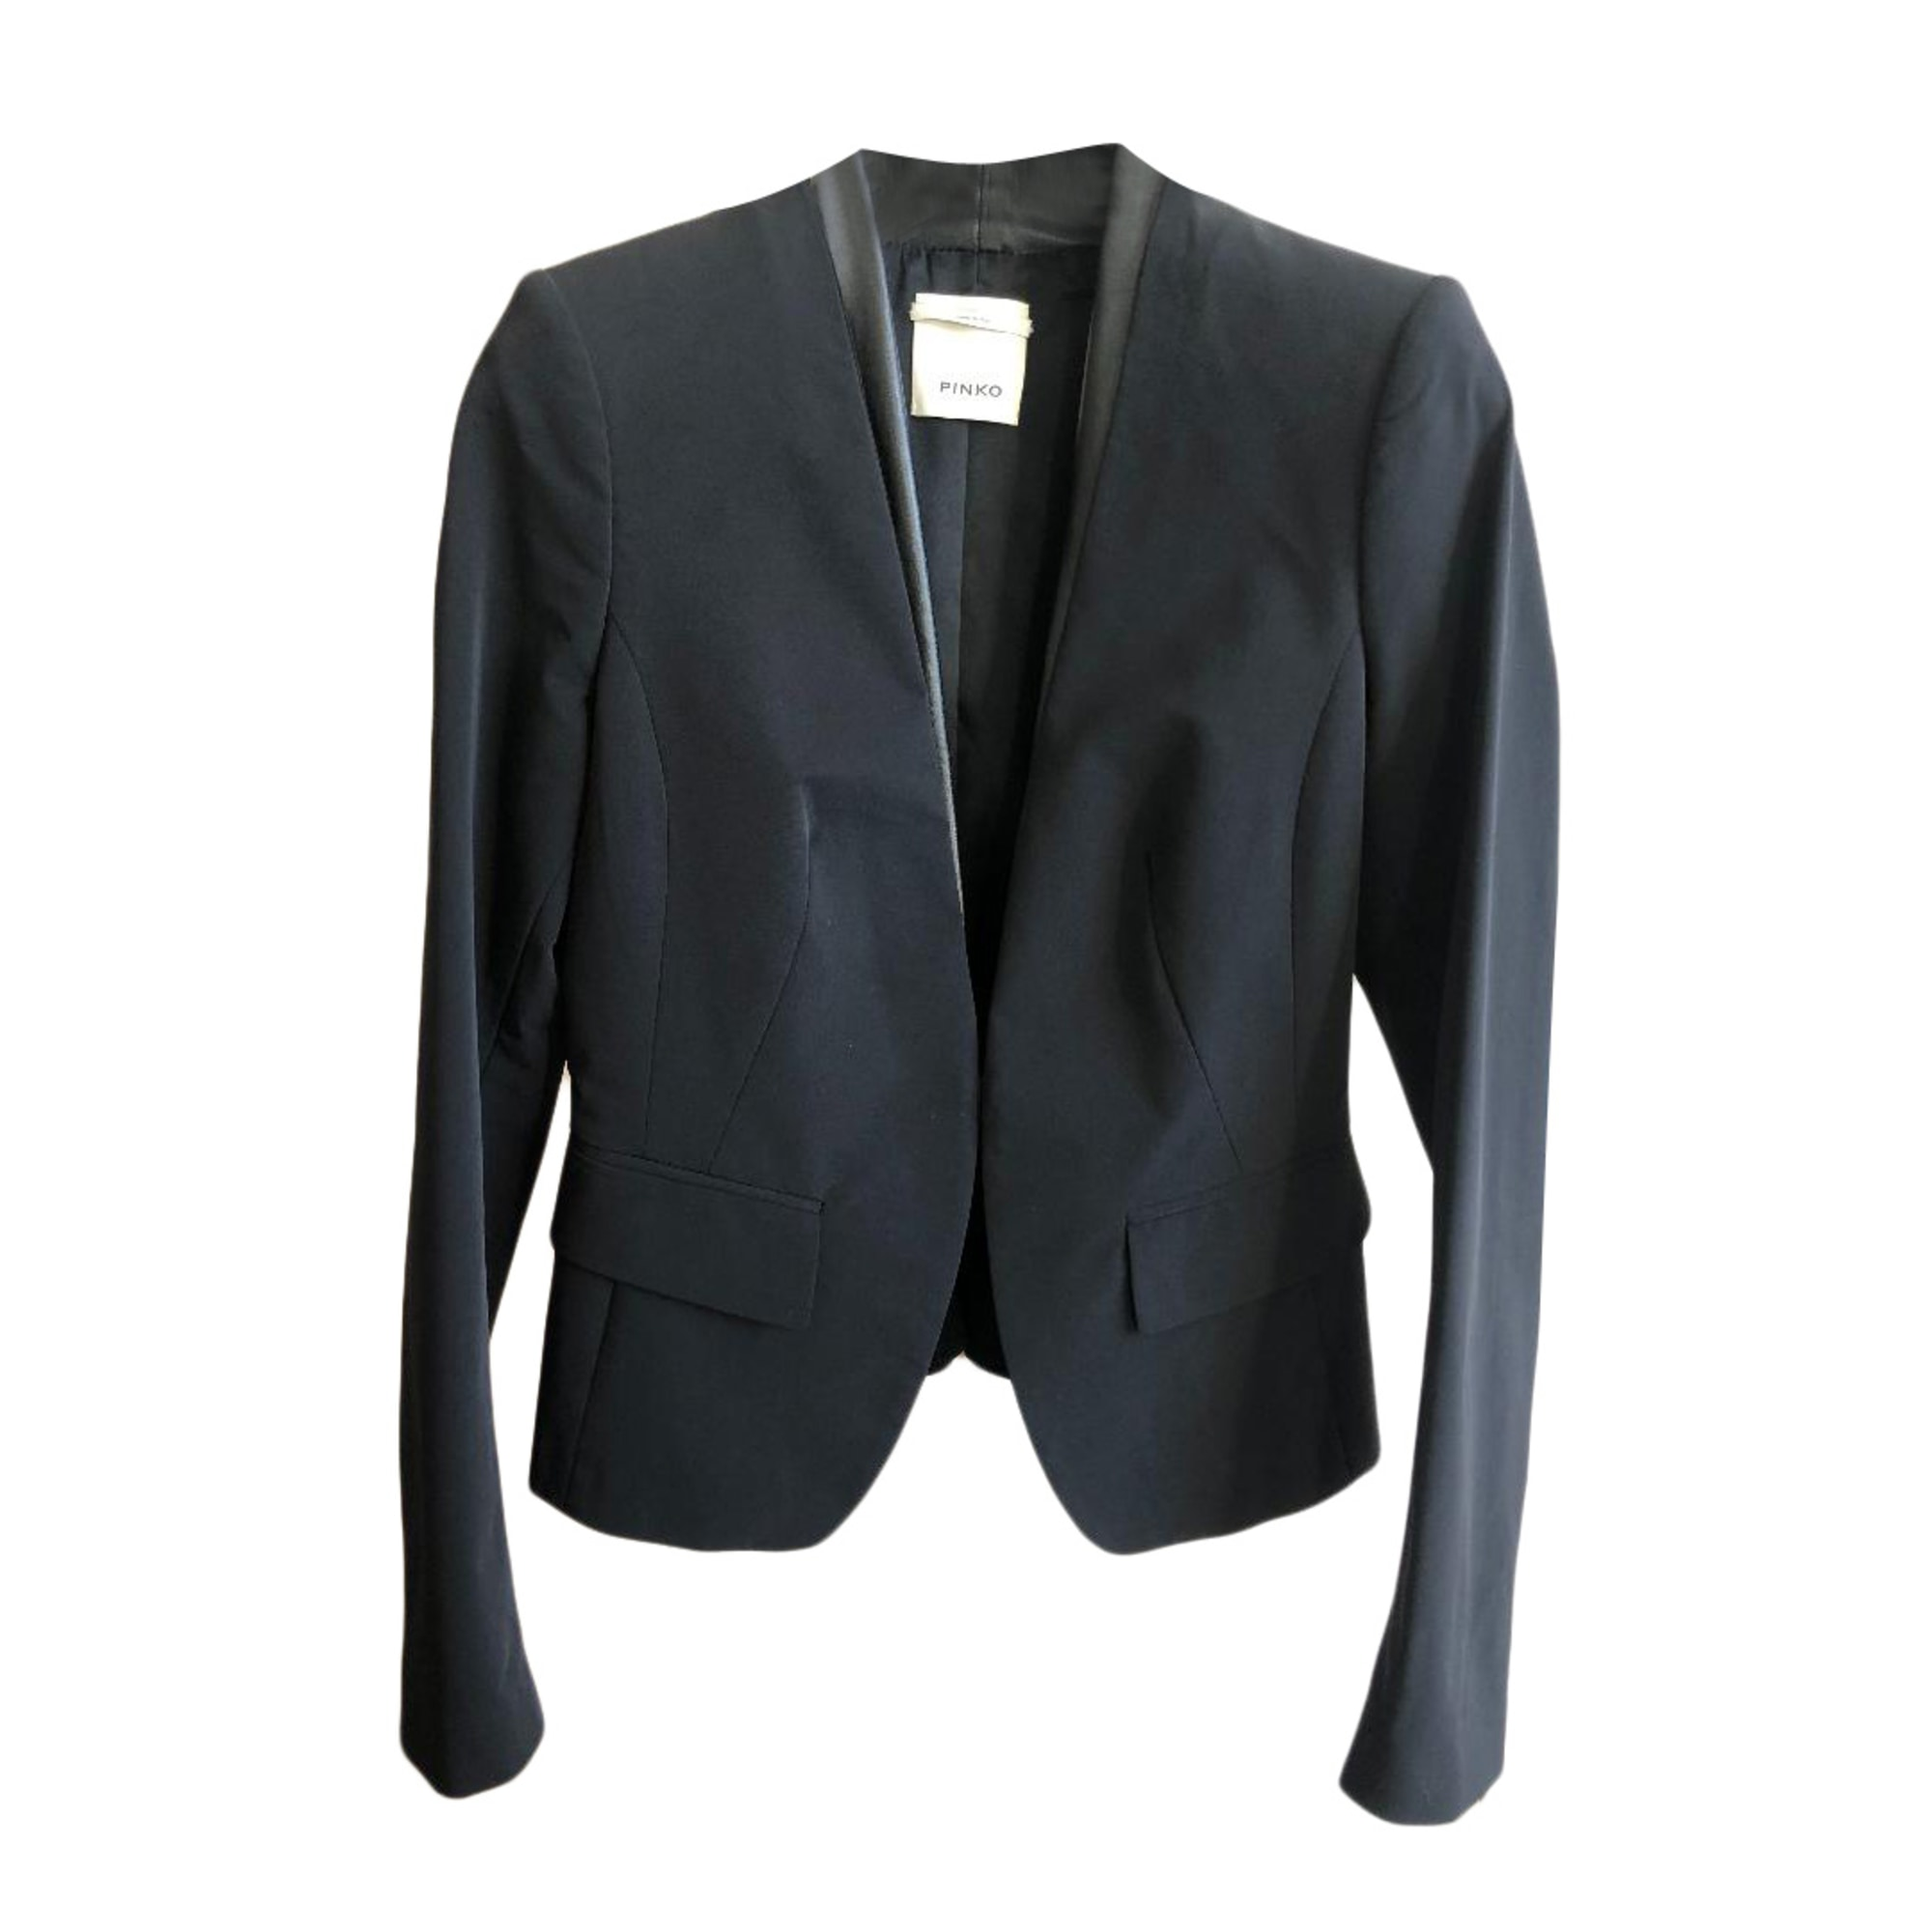 Blazer, veste tailleur PINKO Noir